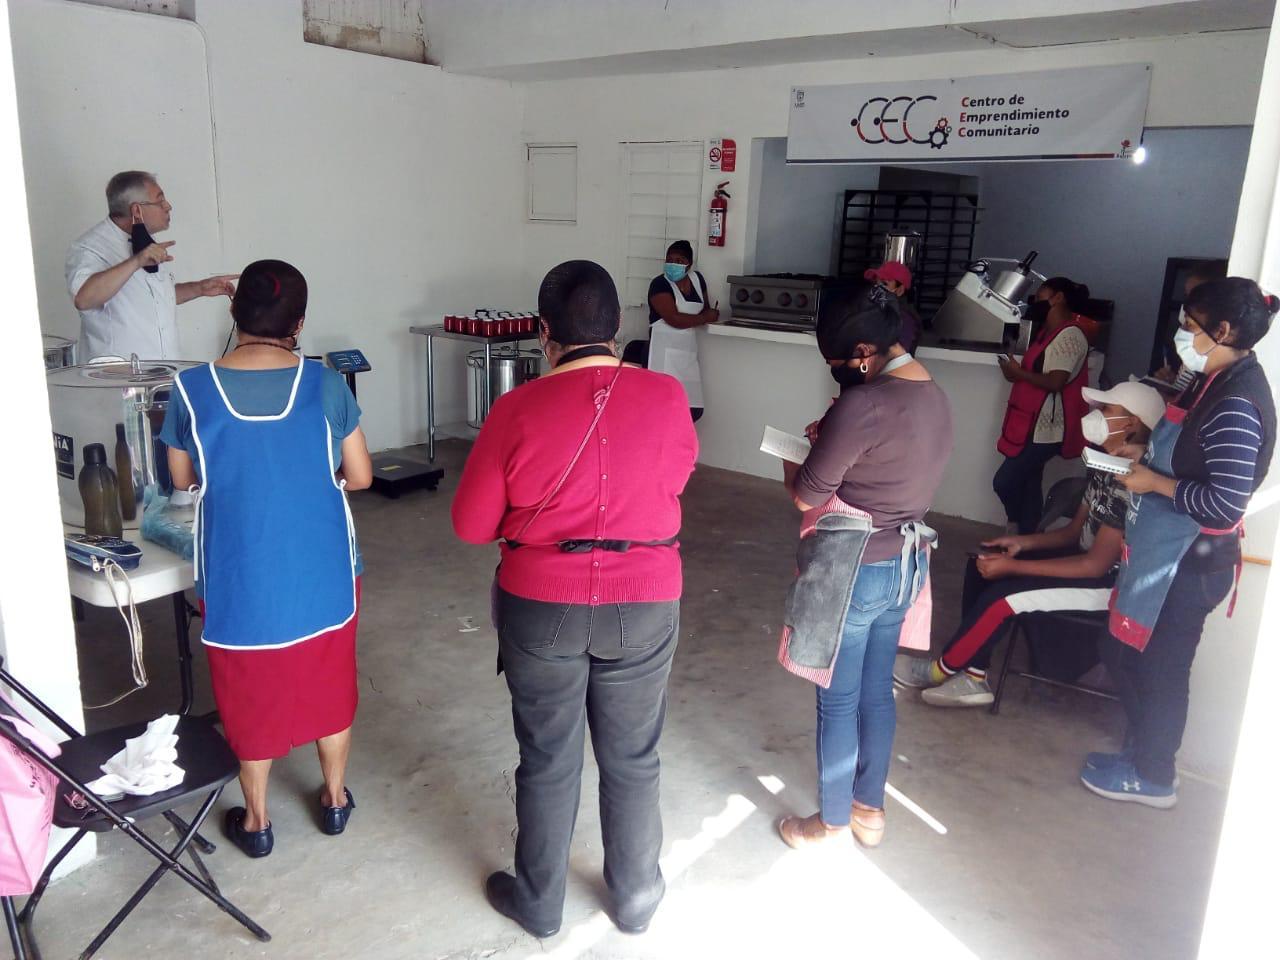 Inició actividades Centro de Emprendimiento Comunitario, en Xalapa